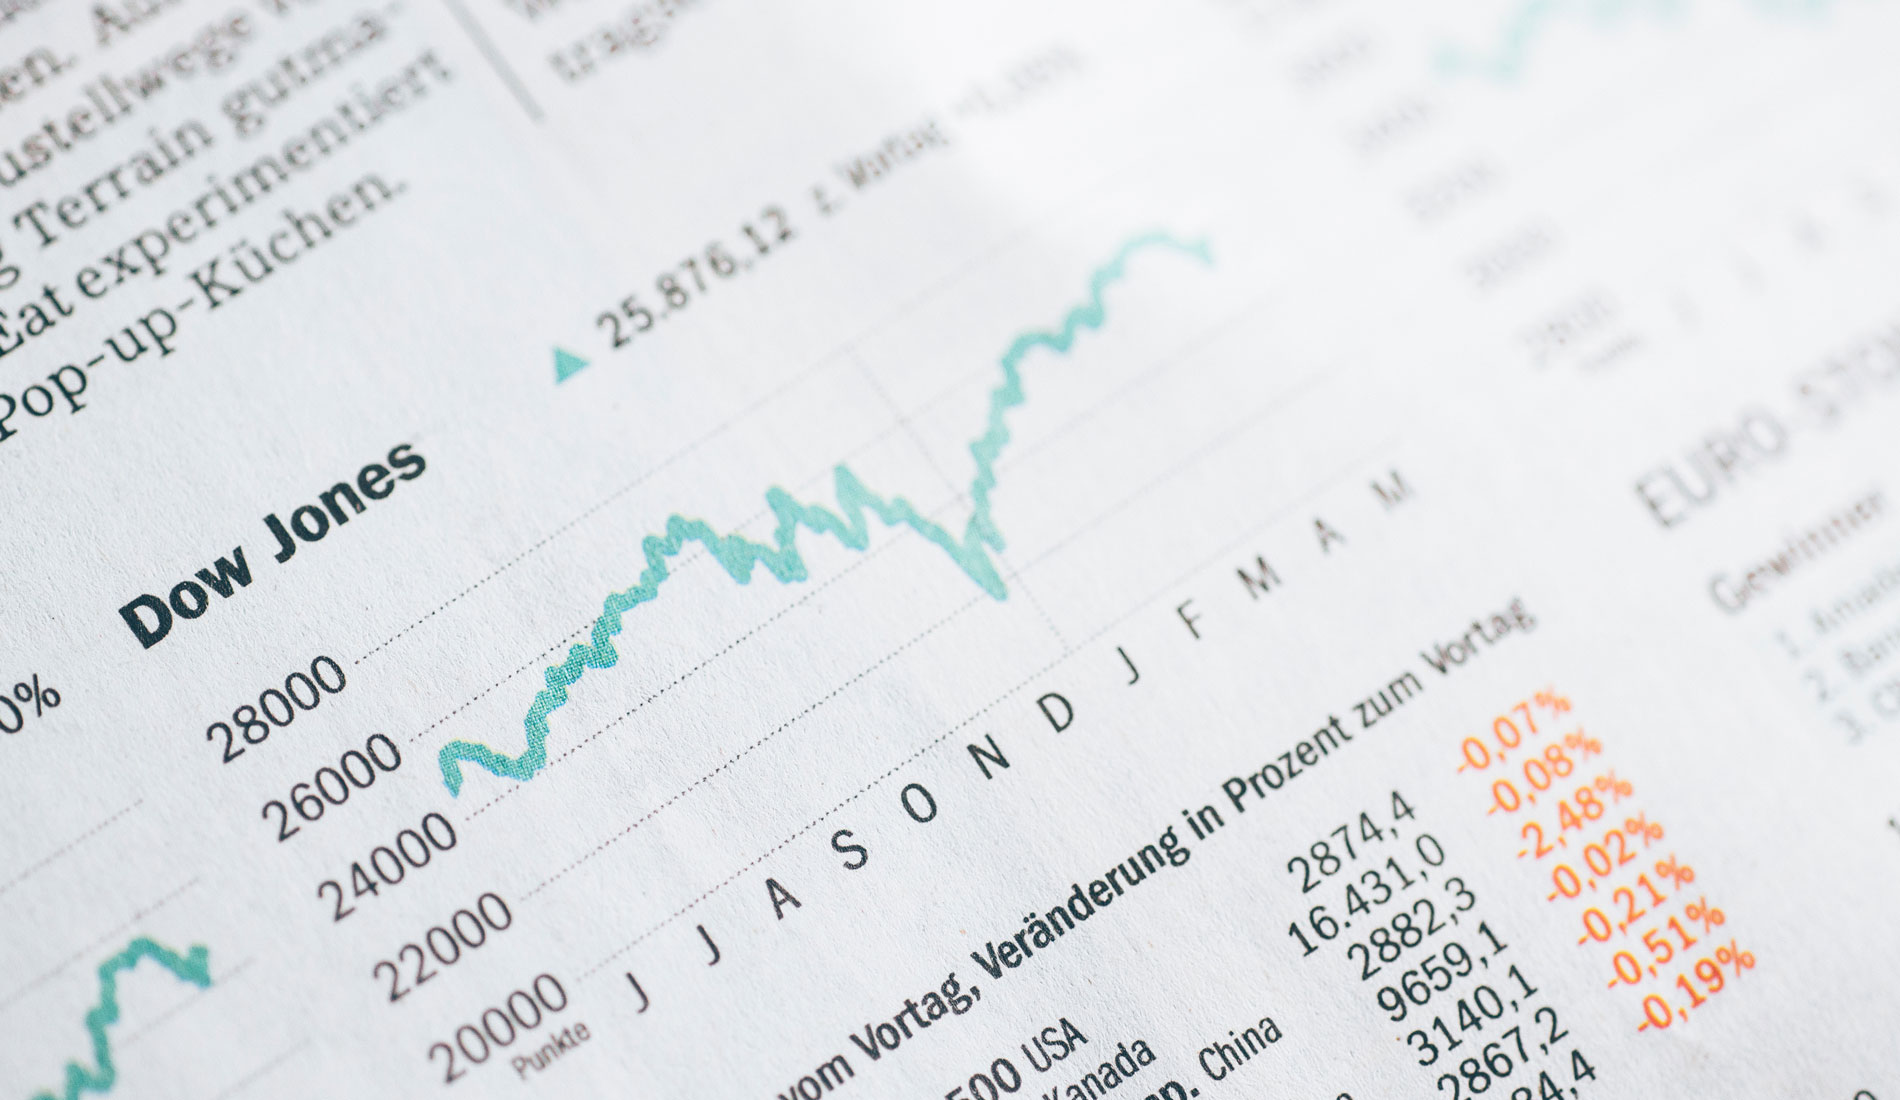 El capital riesgo en cifras: su evolución en 2019